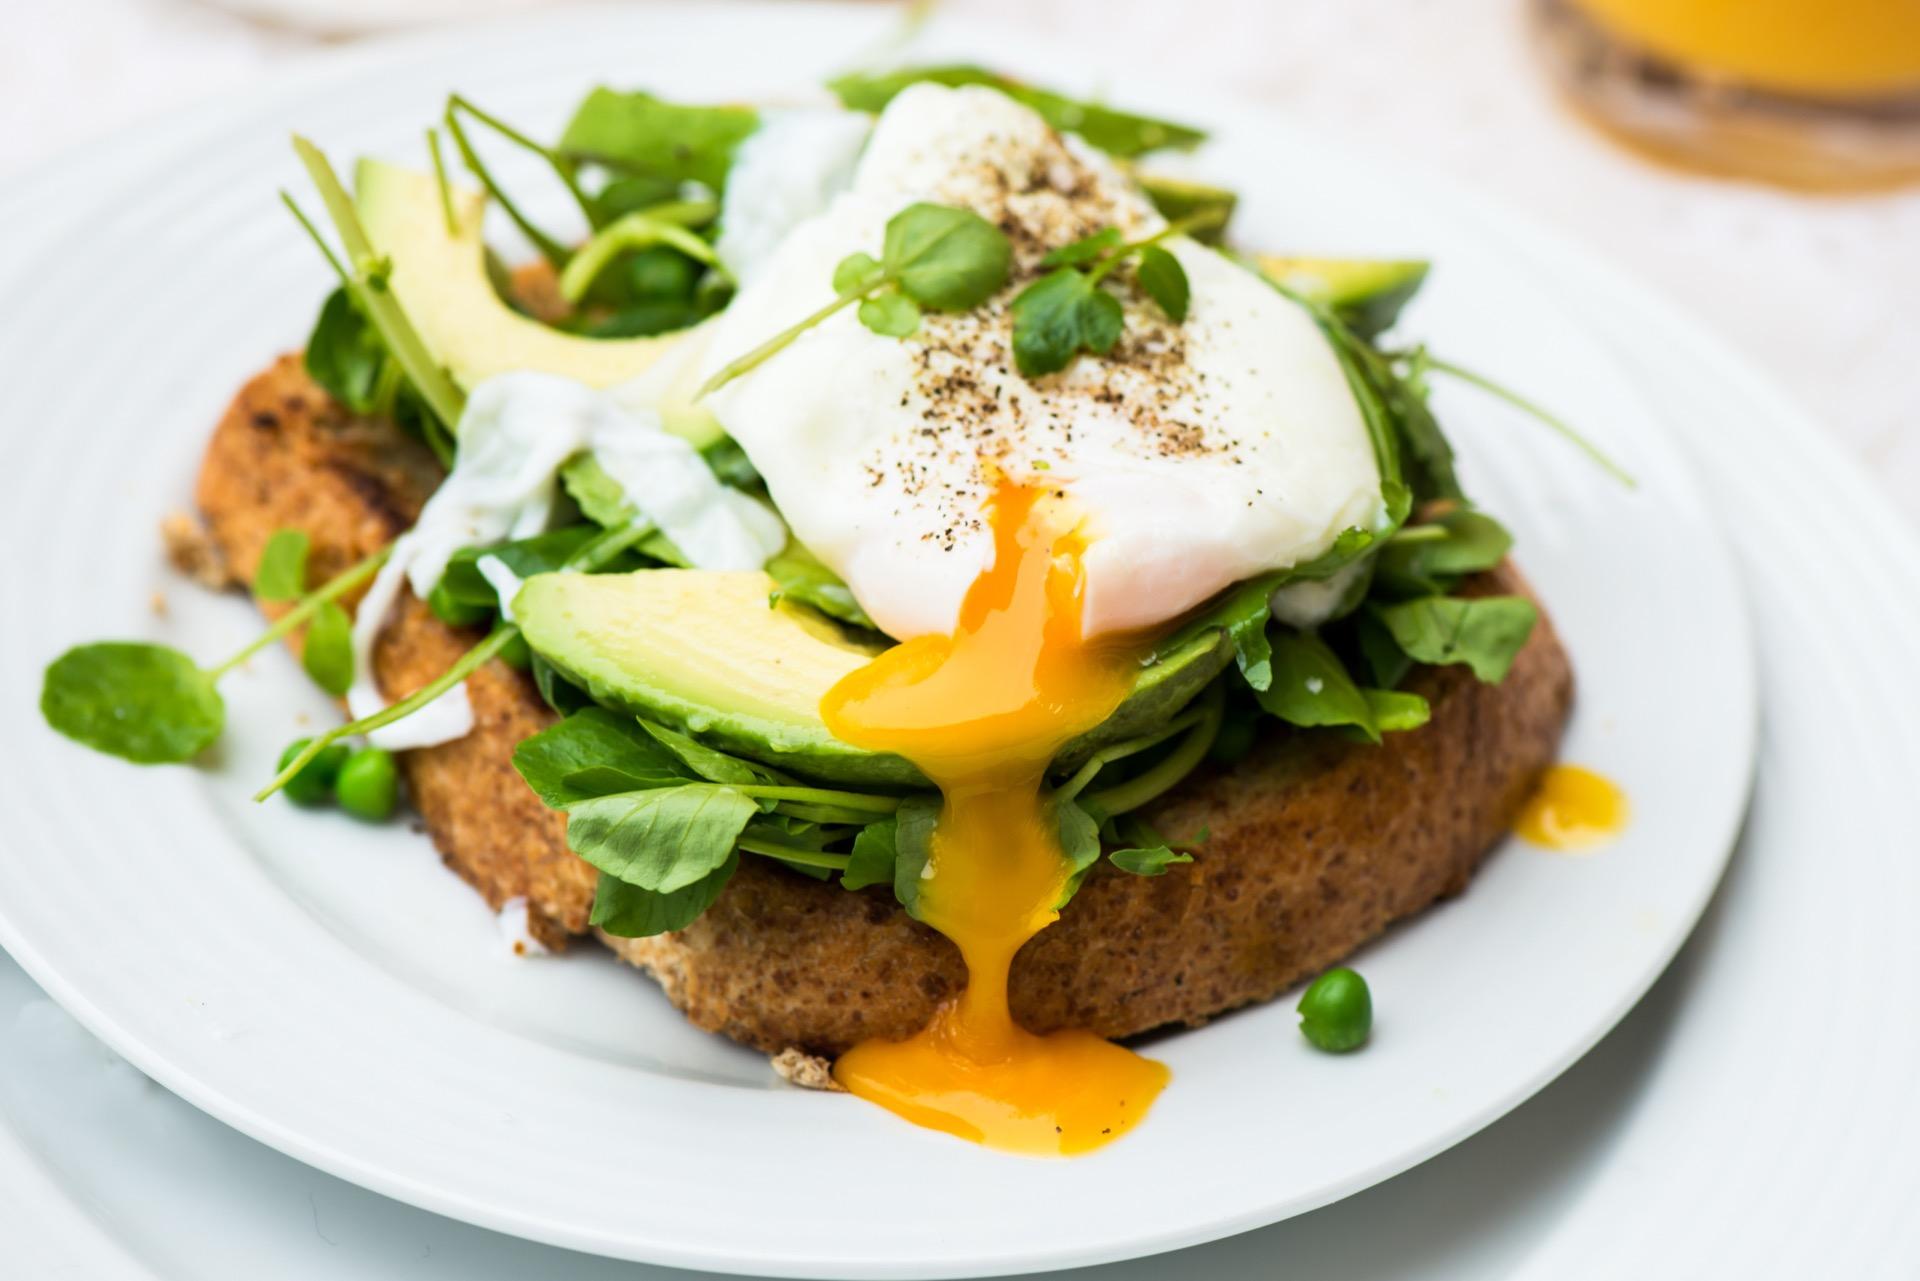 Proteiner får du enkelt i deg ved å inkludere ett eller flere egg i frokosten. Sammen med skivet avokado og grovt brød, er dette en super kombinasjon!